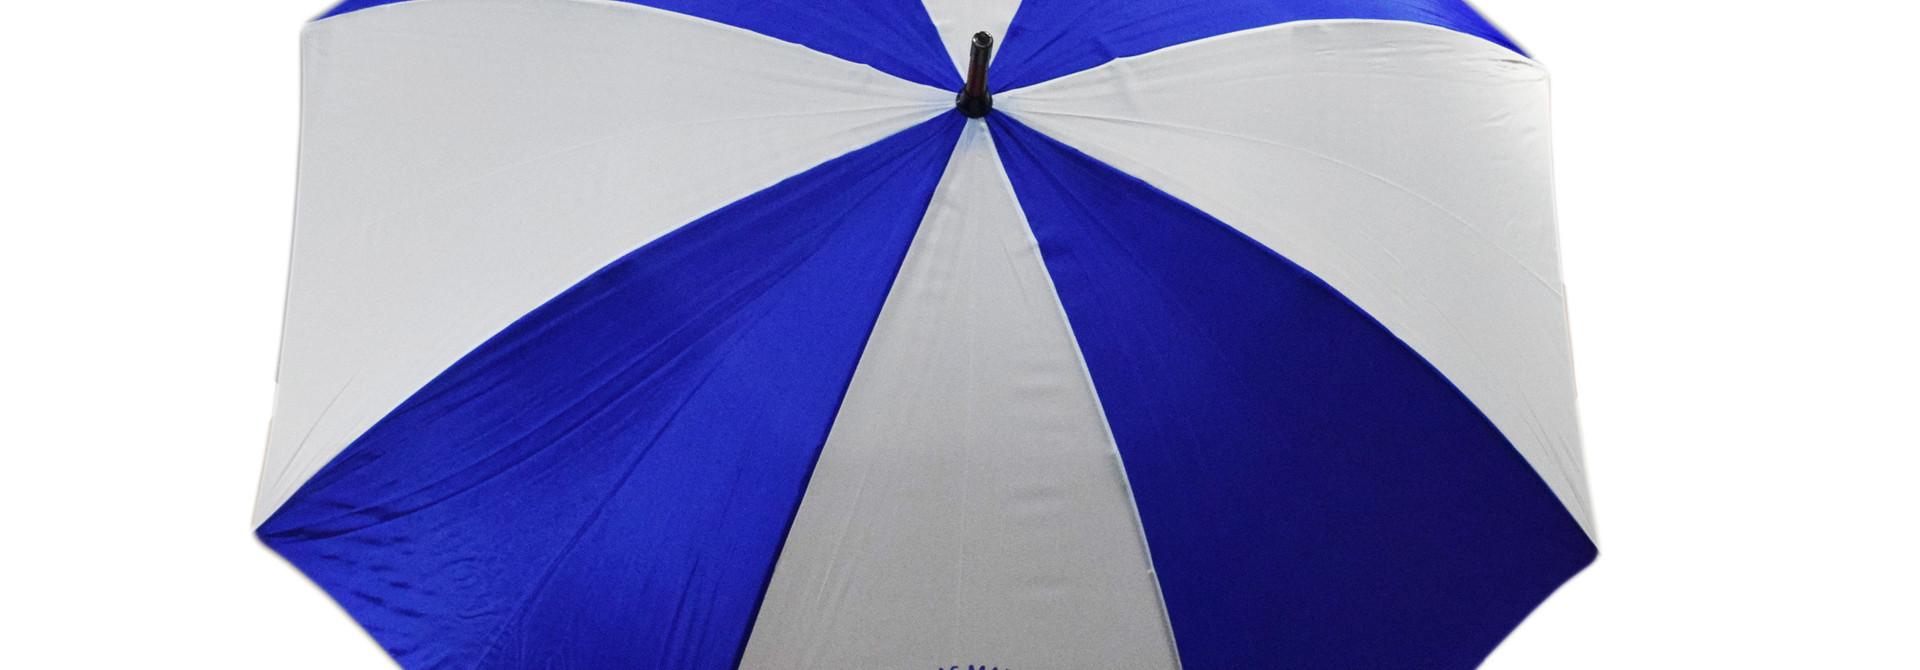 Berea Motto  Blue and White Umbrella